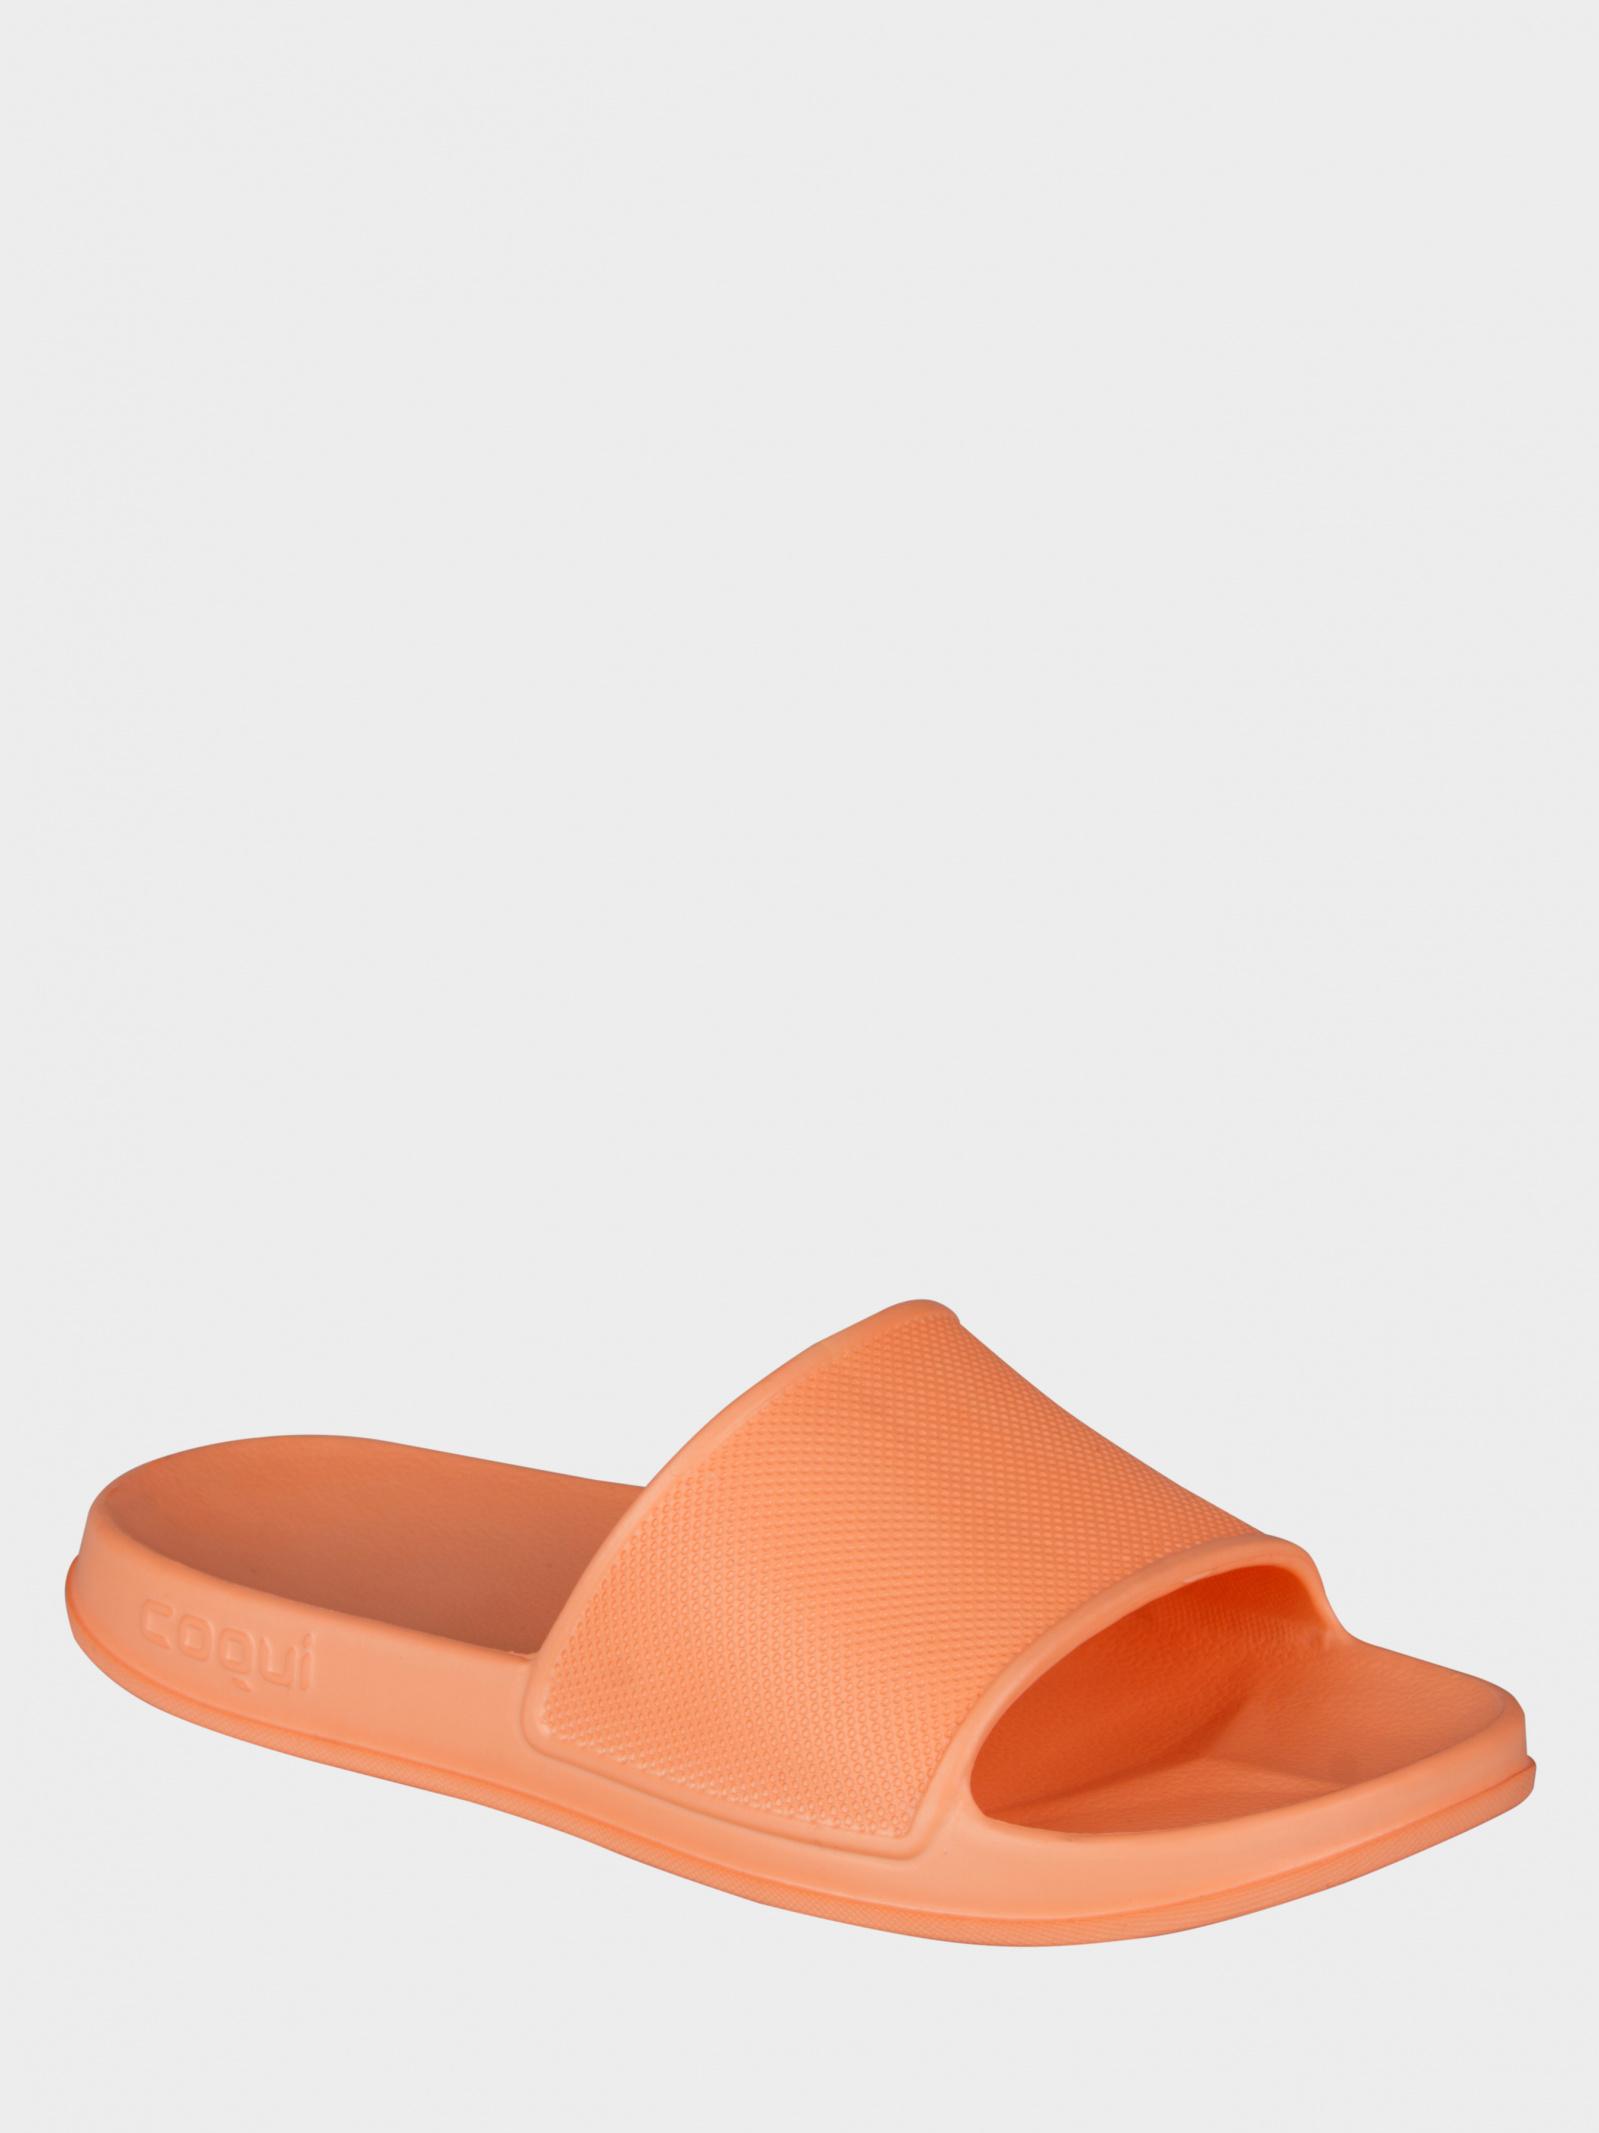 Шлёпанцы для женщин COQUI 7082-1 размеры обуви, 2017